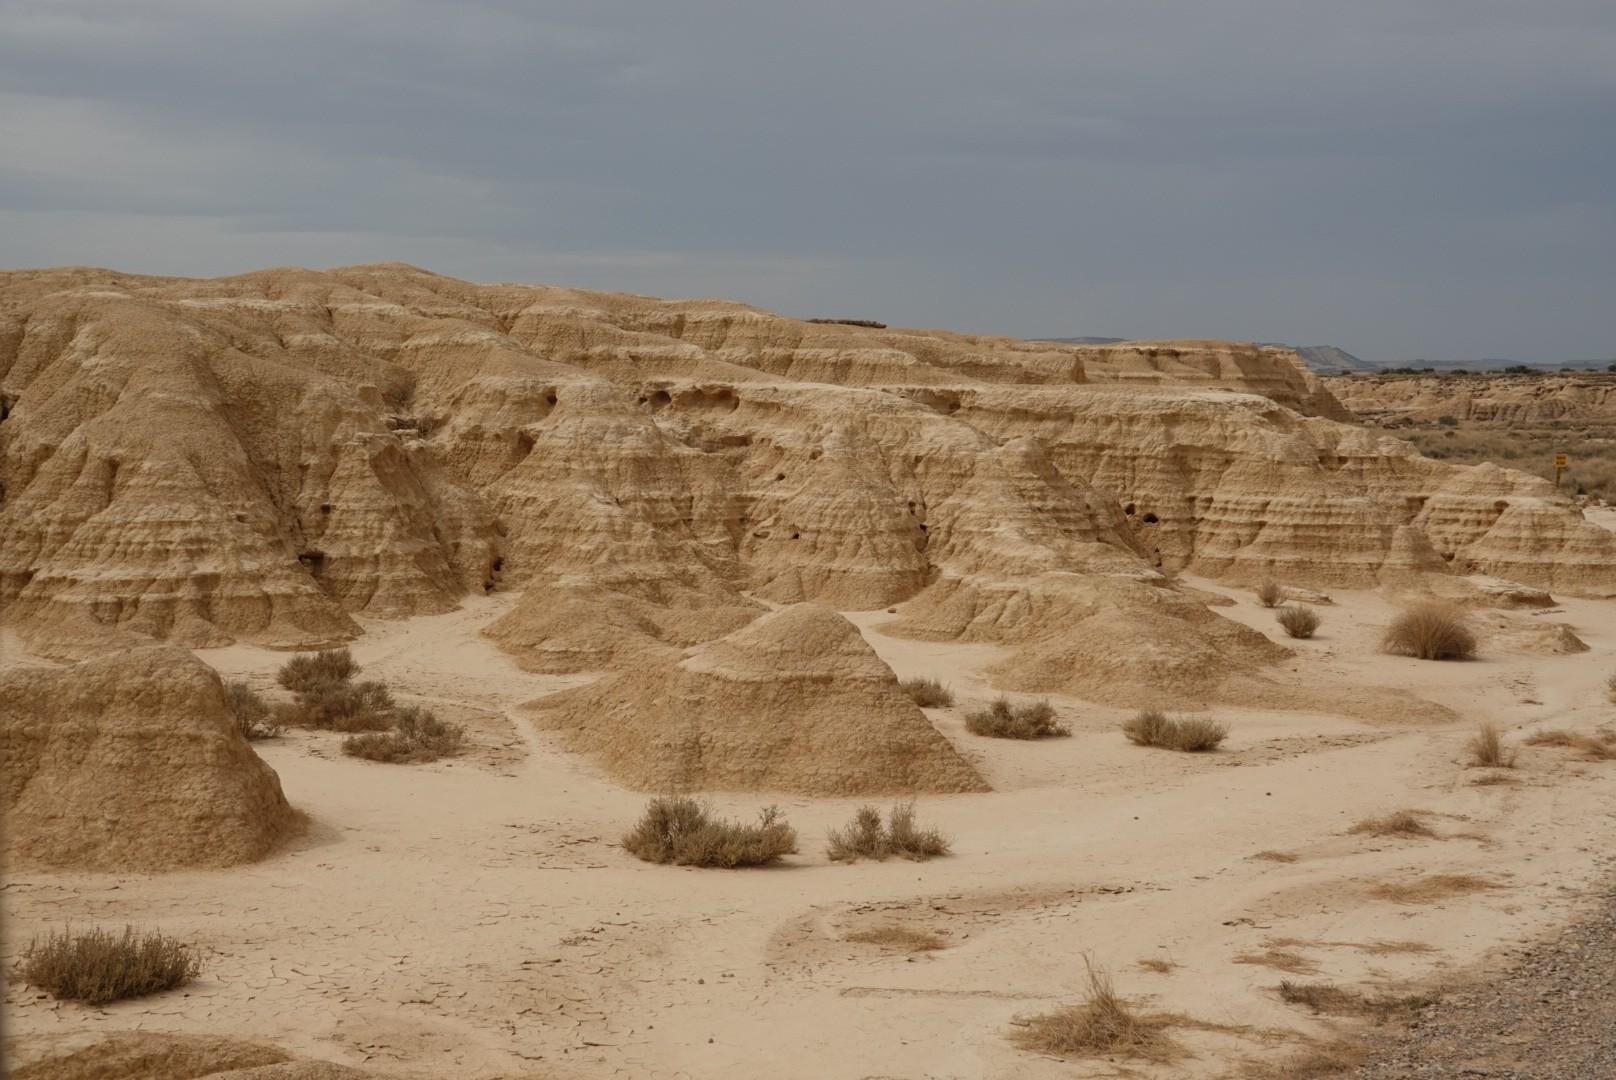 13 septembre : Le désert des Bardenas Reales